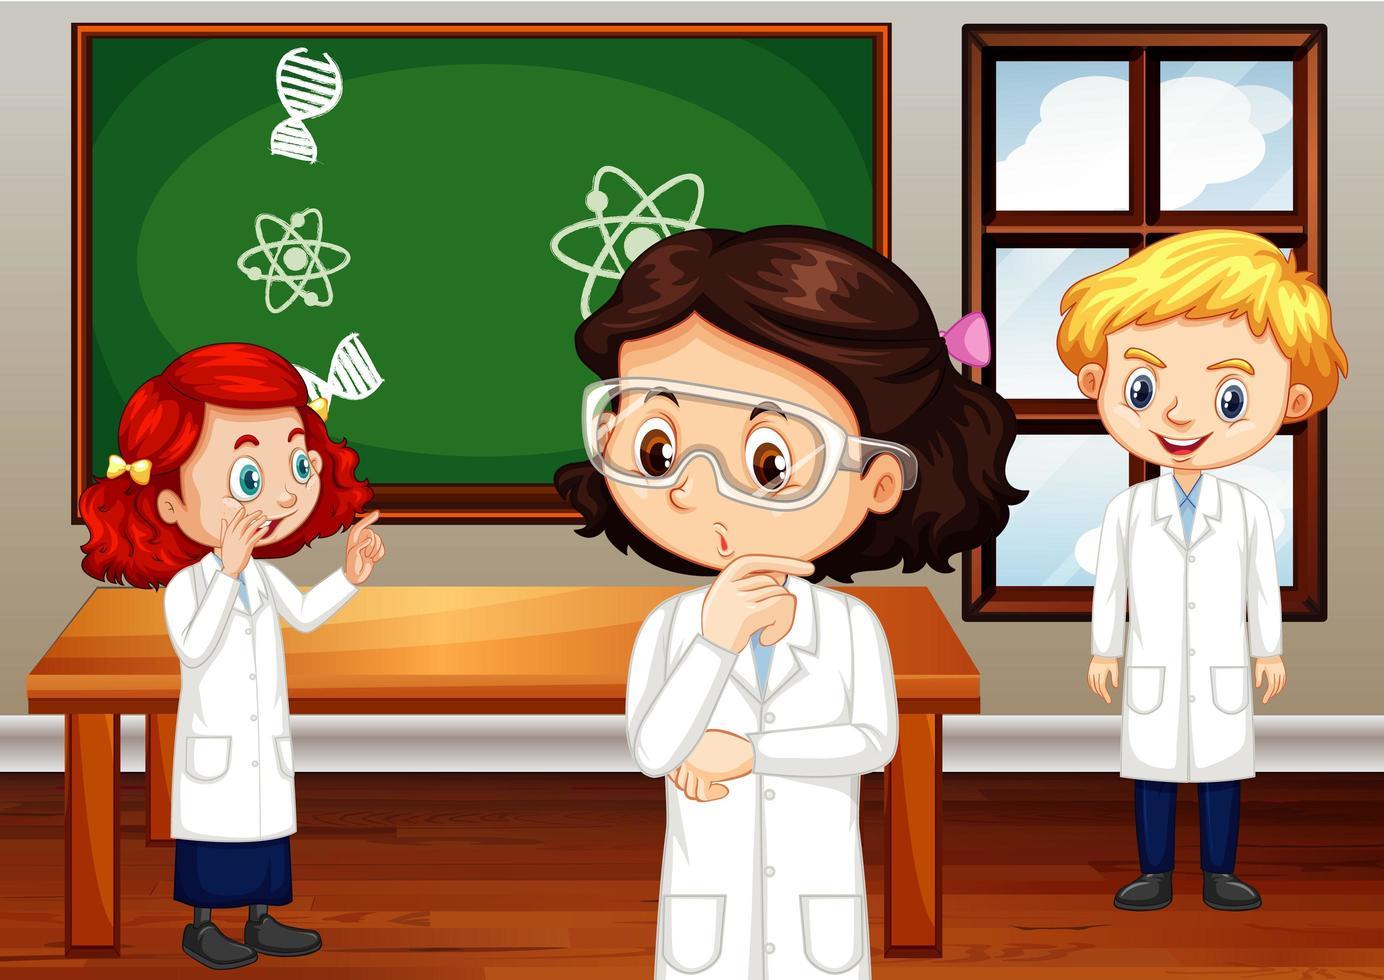 studenti in abito da scienza in piedi in classe vettore